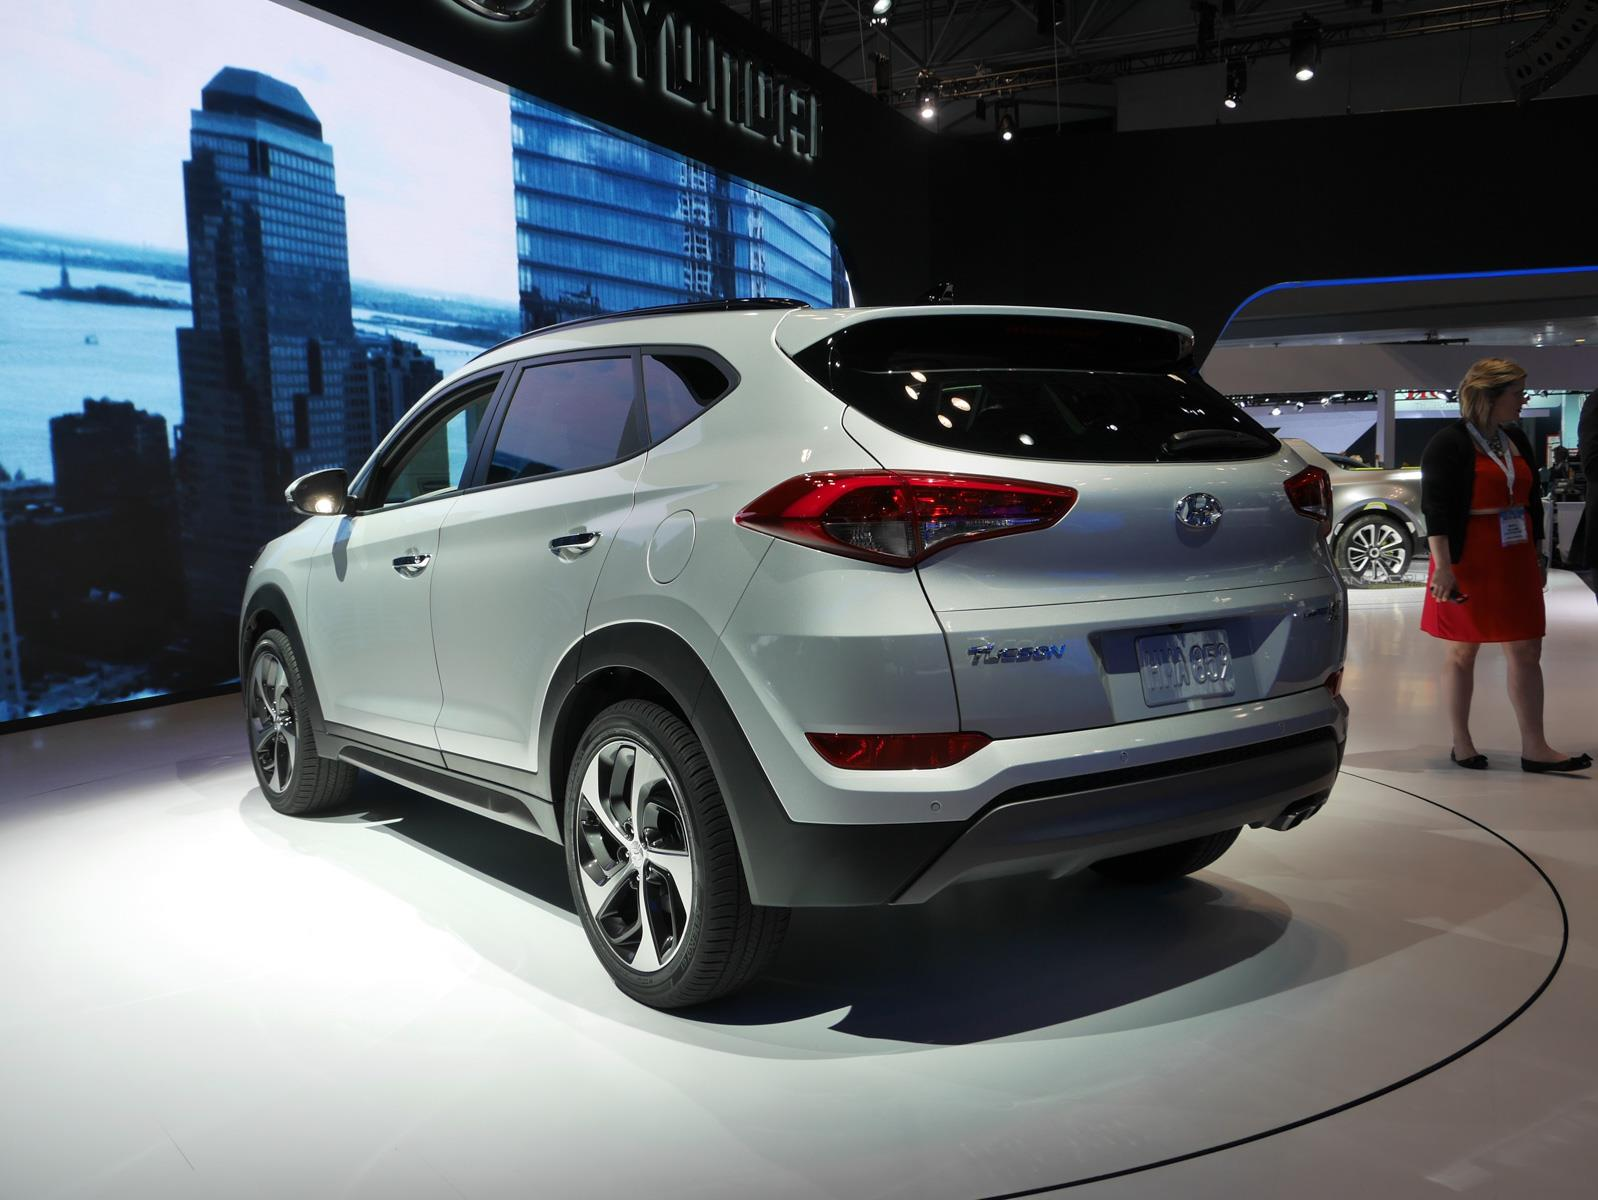 Chevrolet Trax 2015 Precios En Mexico | Autos Post